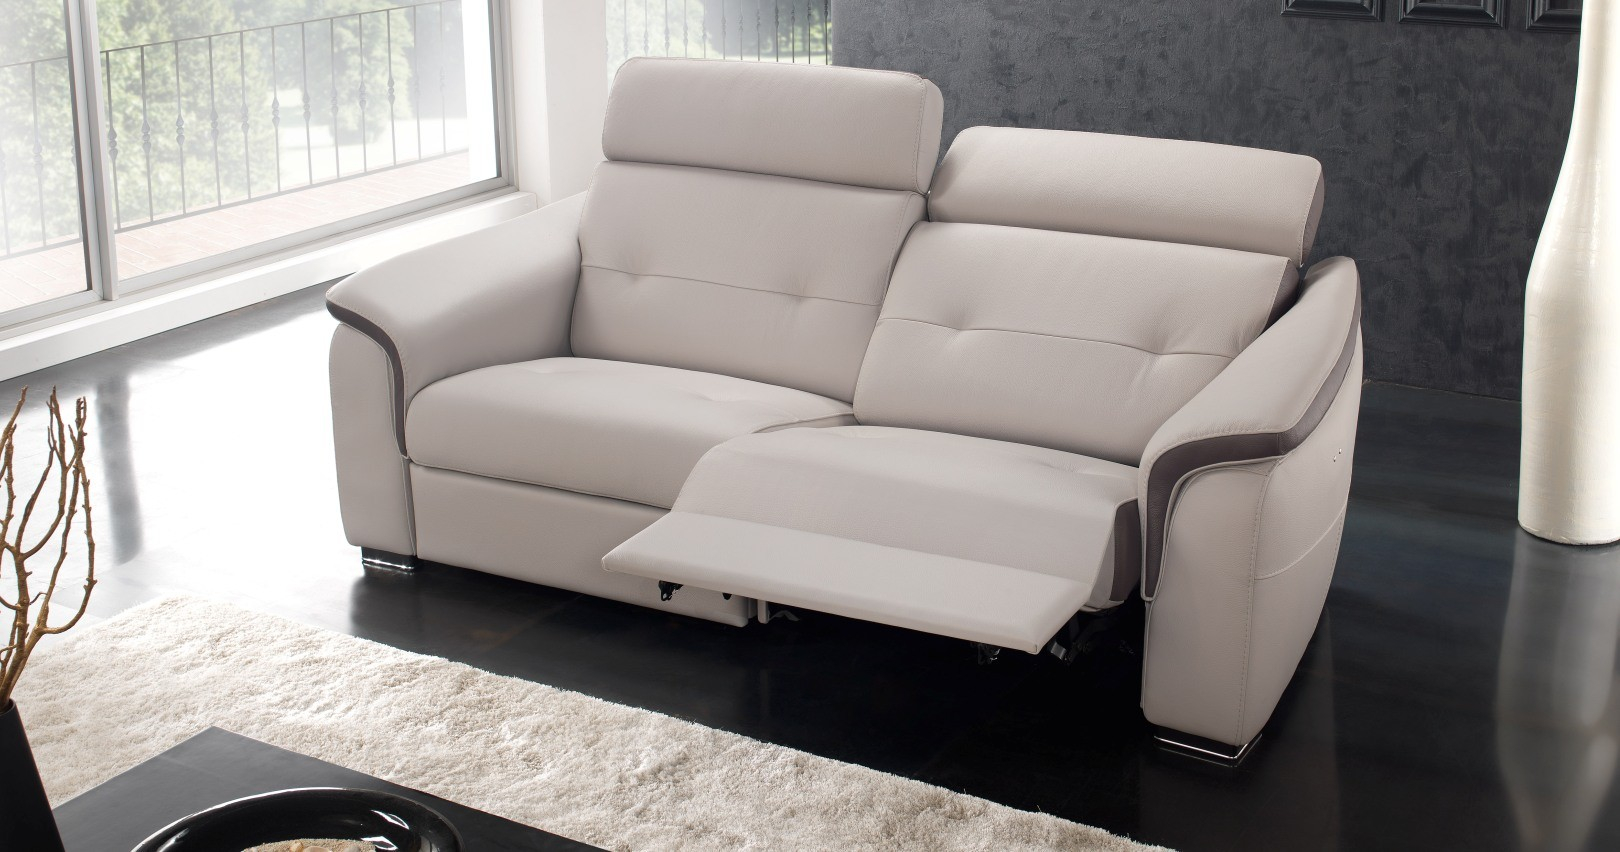 Canapé relaxation électrique LOREDA Cuir Premium